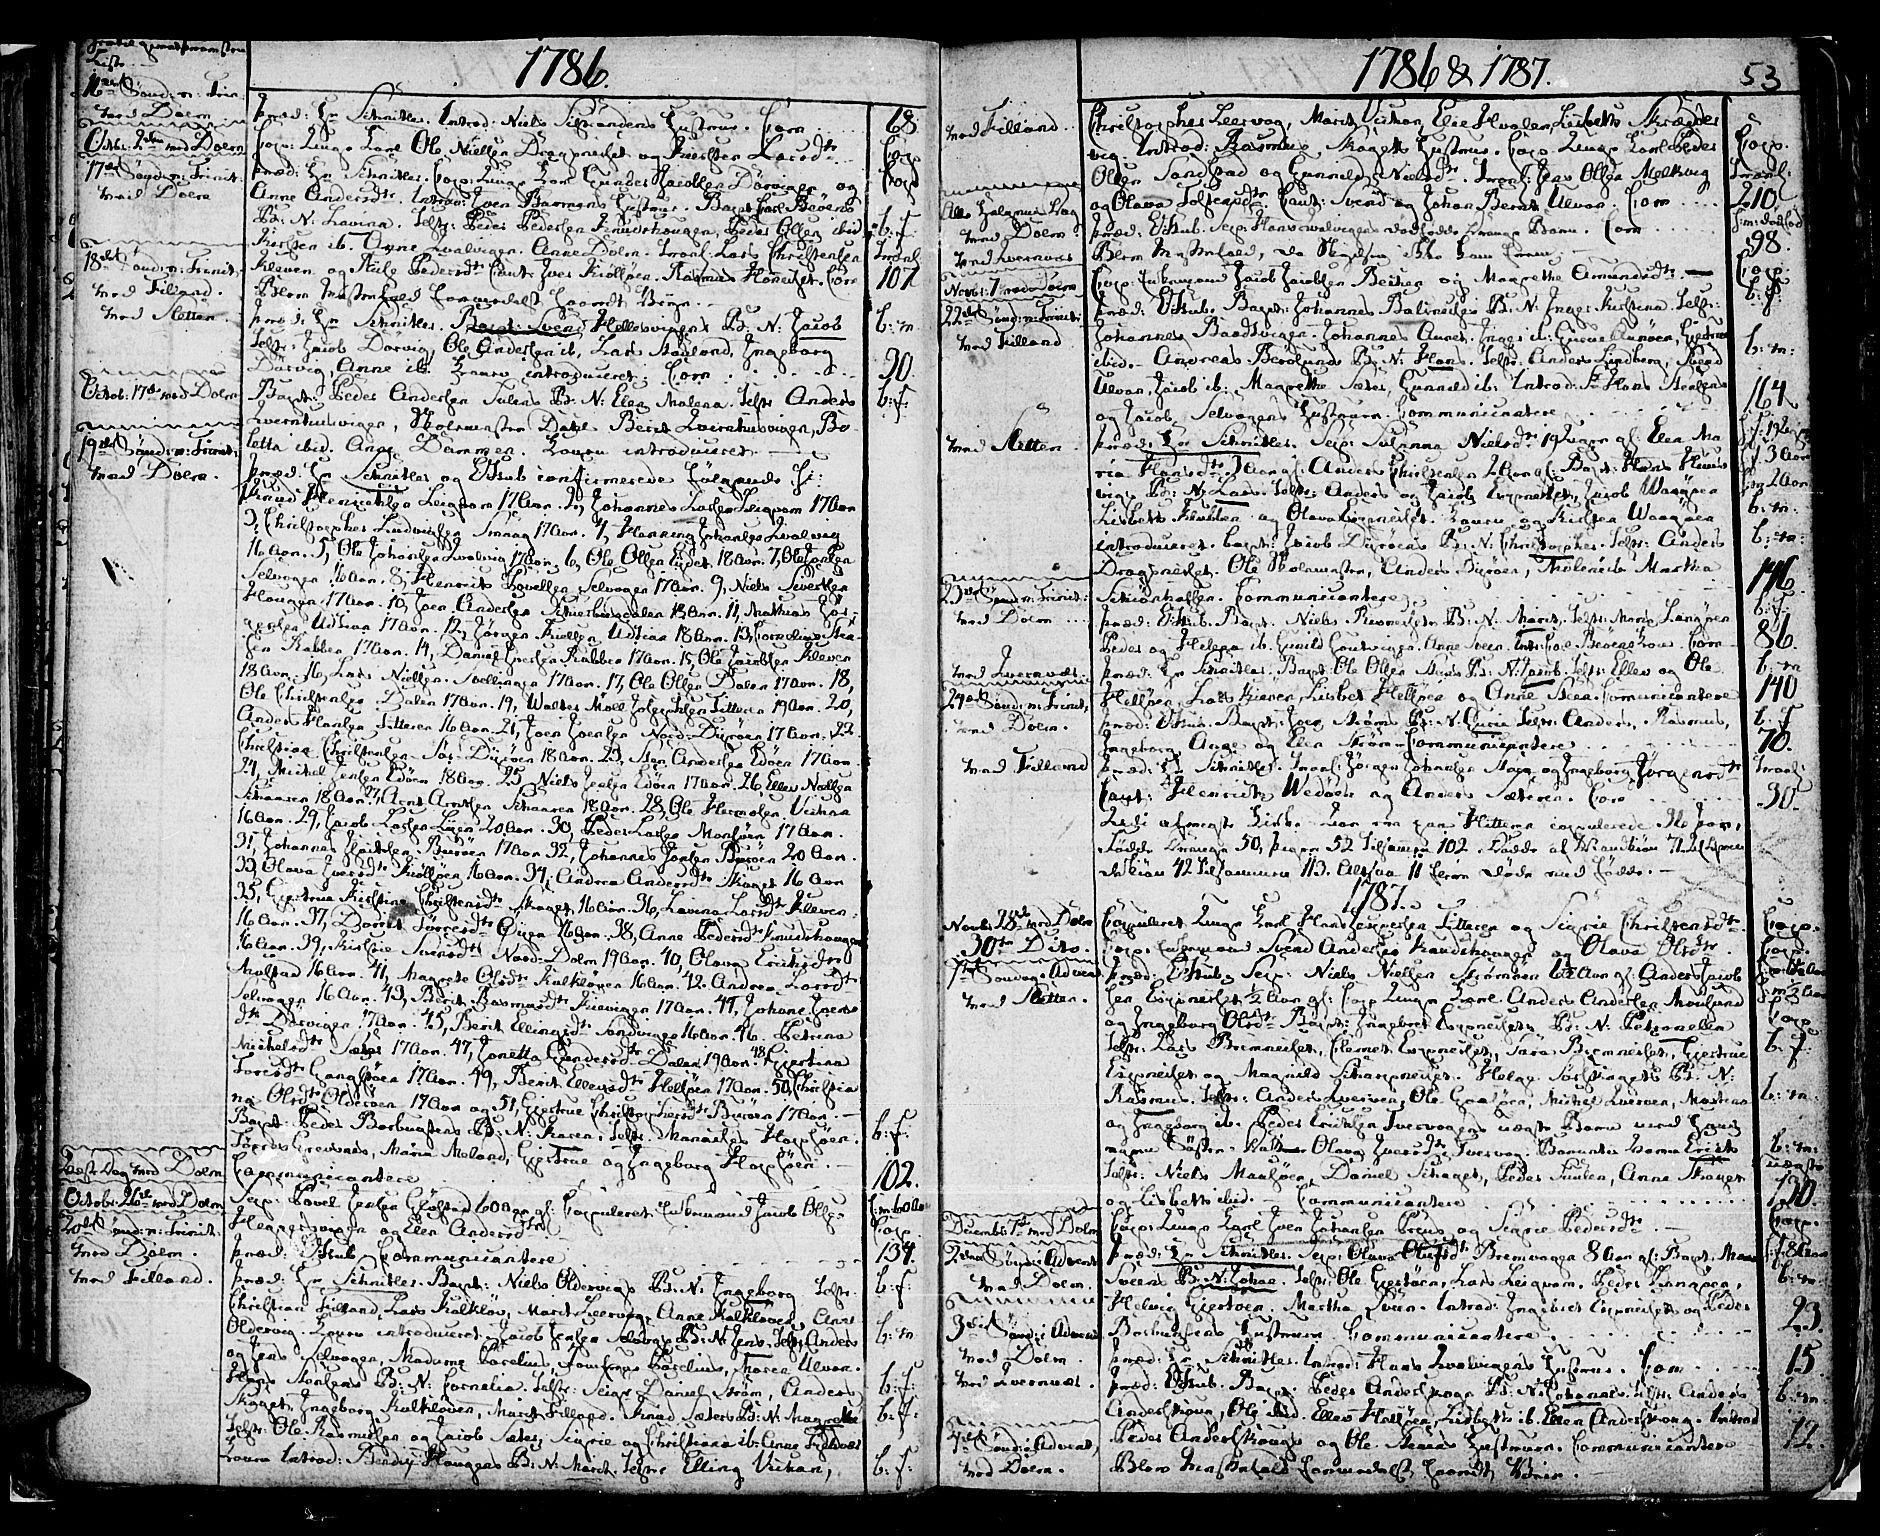 SAT, Ministerialprotokoller, klokkerbøker og fødselsregistre - Sør-Trøndelag, 634/L0526: Ministerialbok nr. 634A02, 1775-1818, s. 53